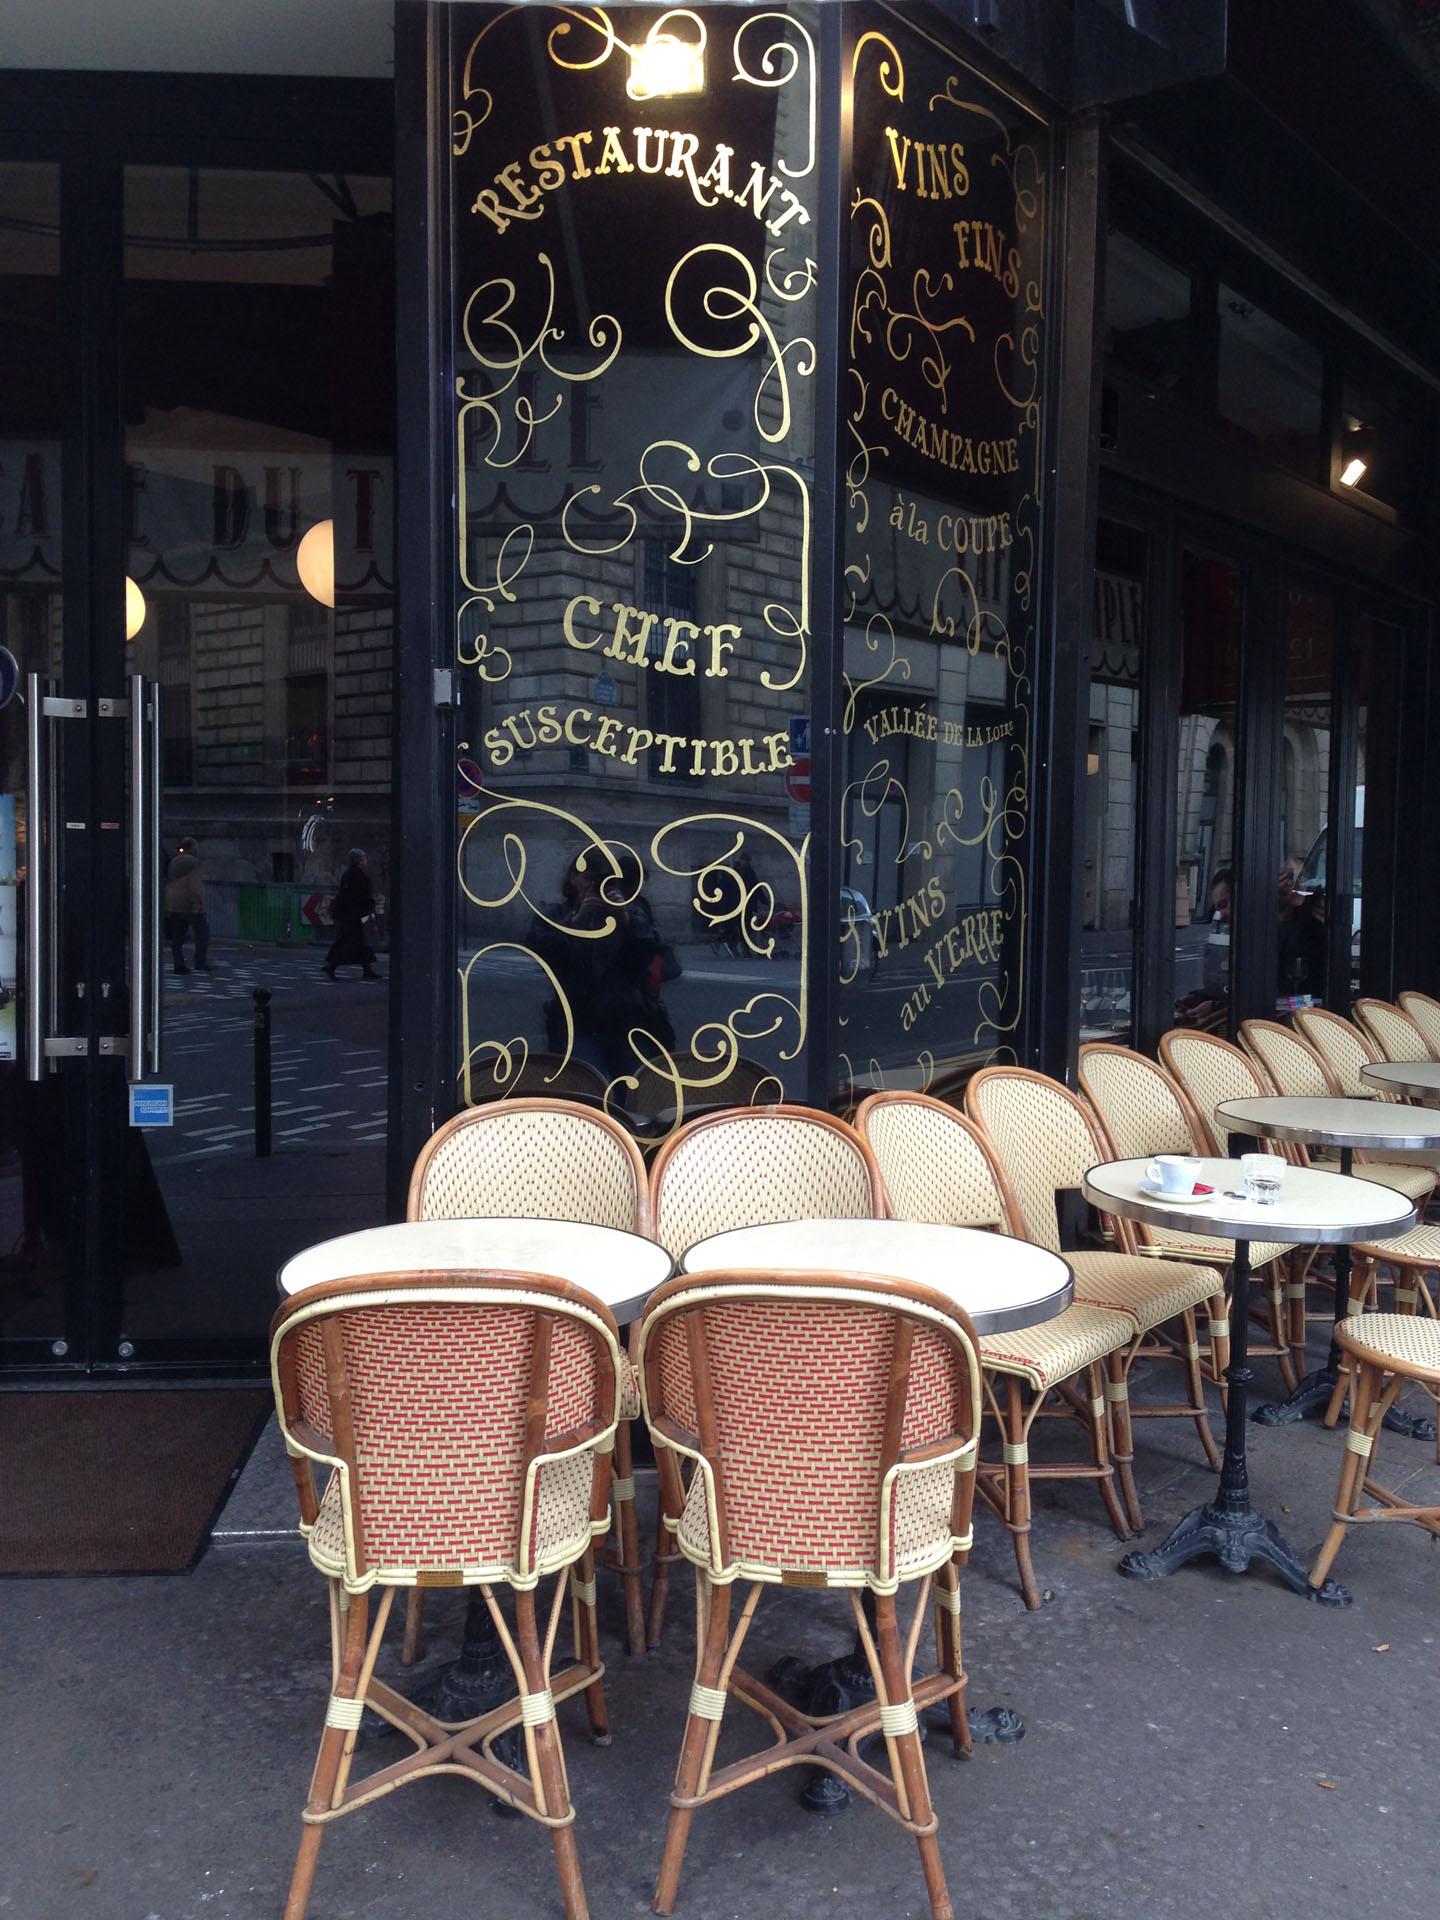 Chef susceptible restaurant in Paris